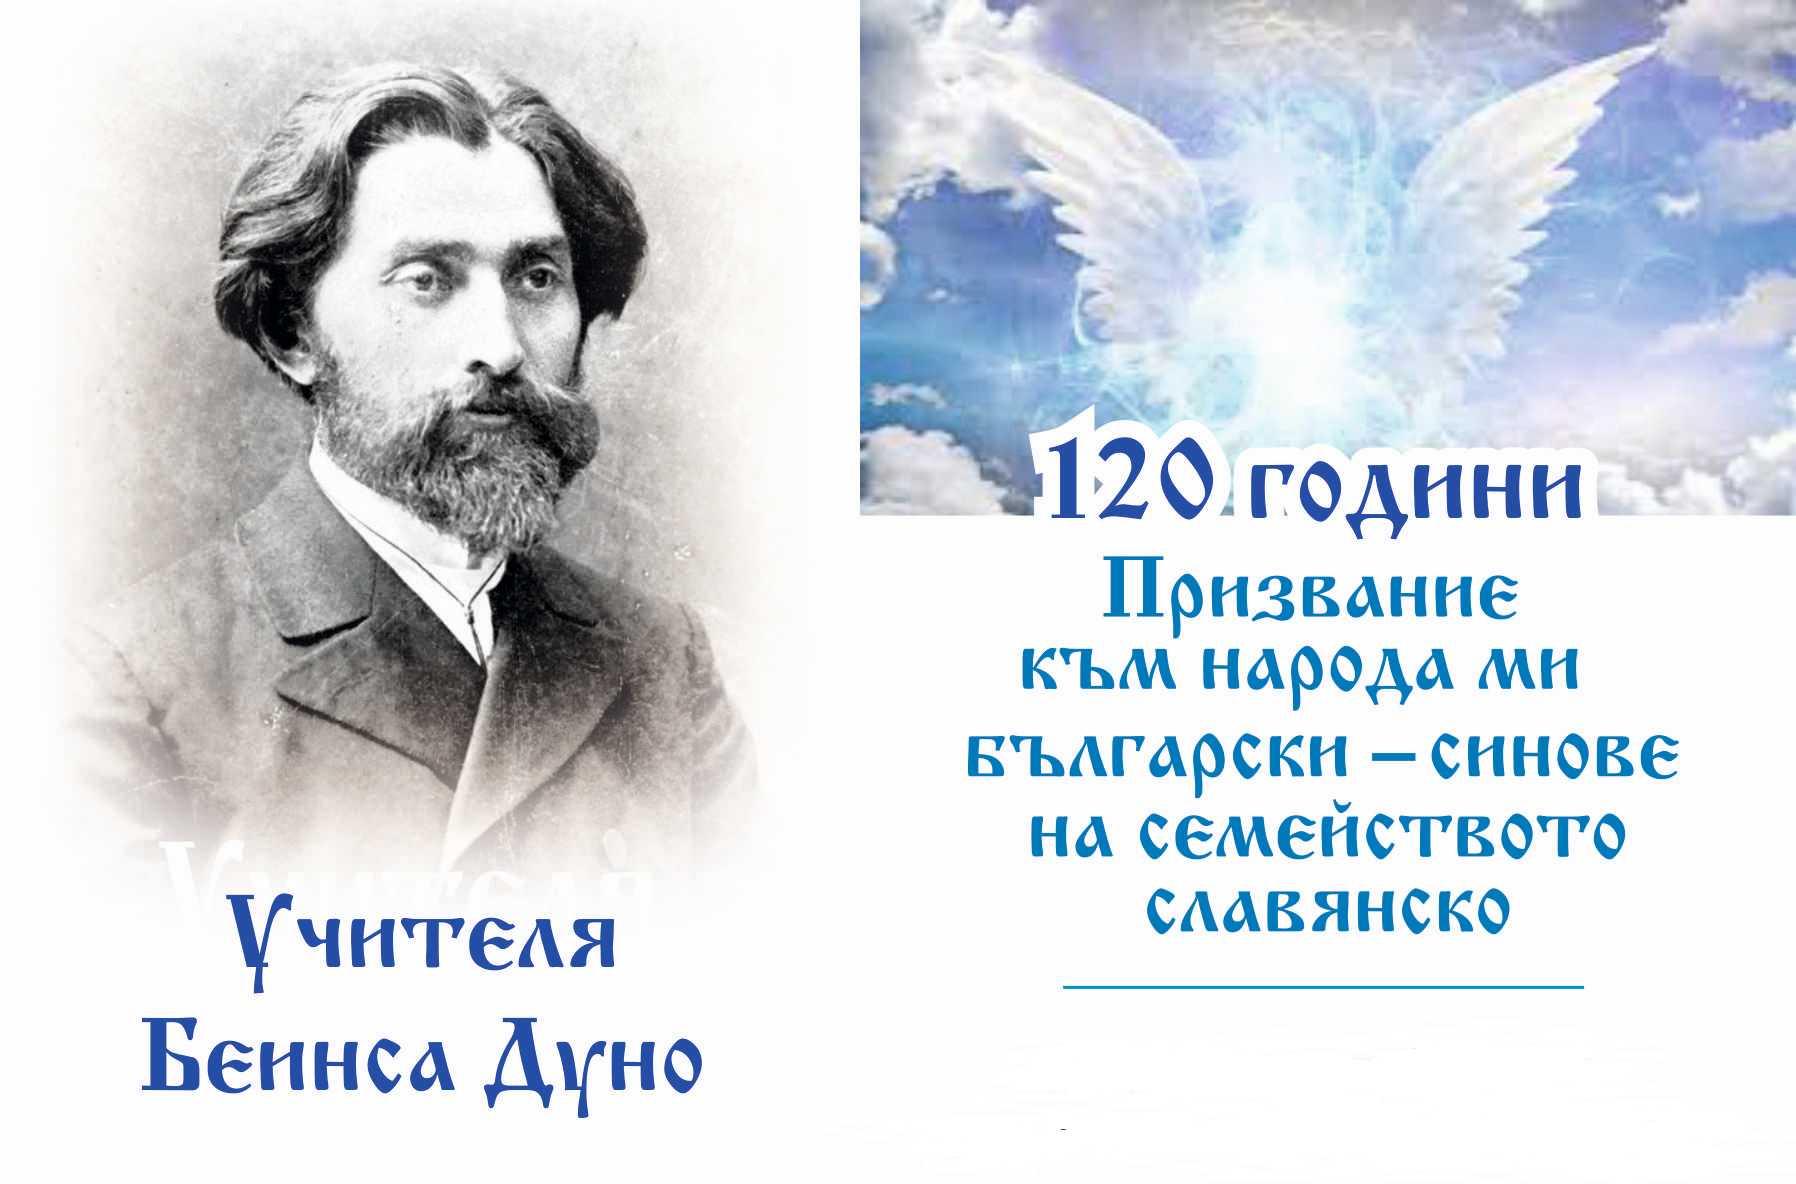 """120-години """"Призвание към народа ми български – синове на семейството славянско"""""""